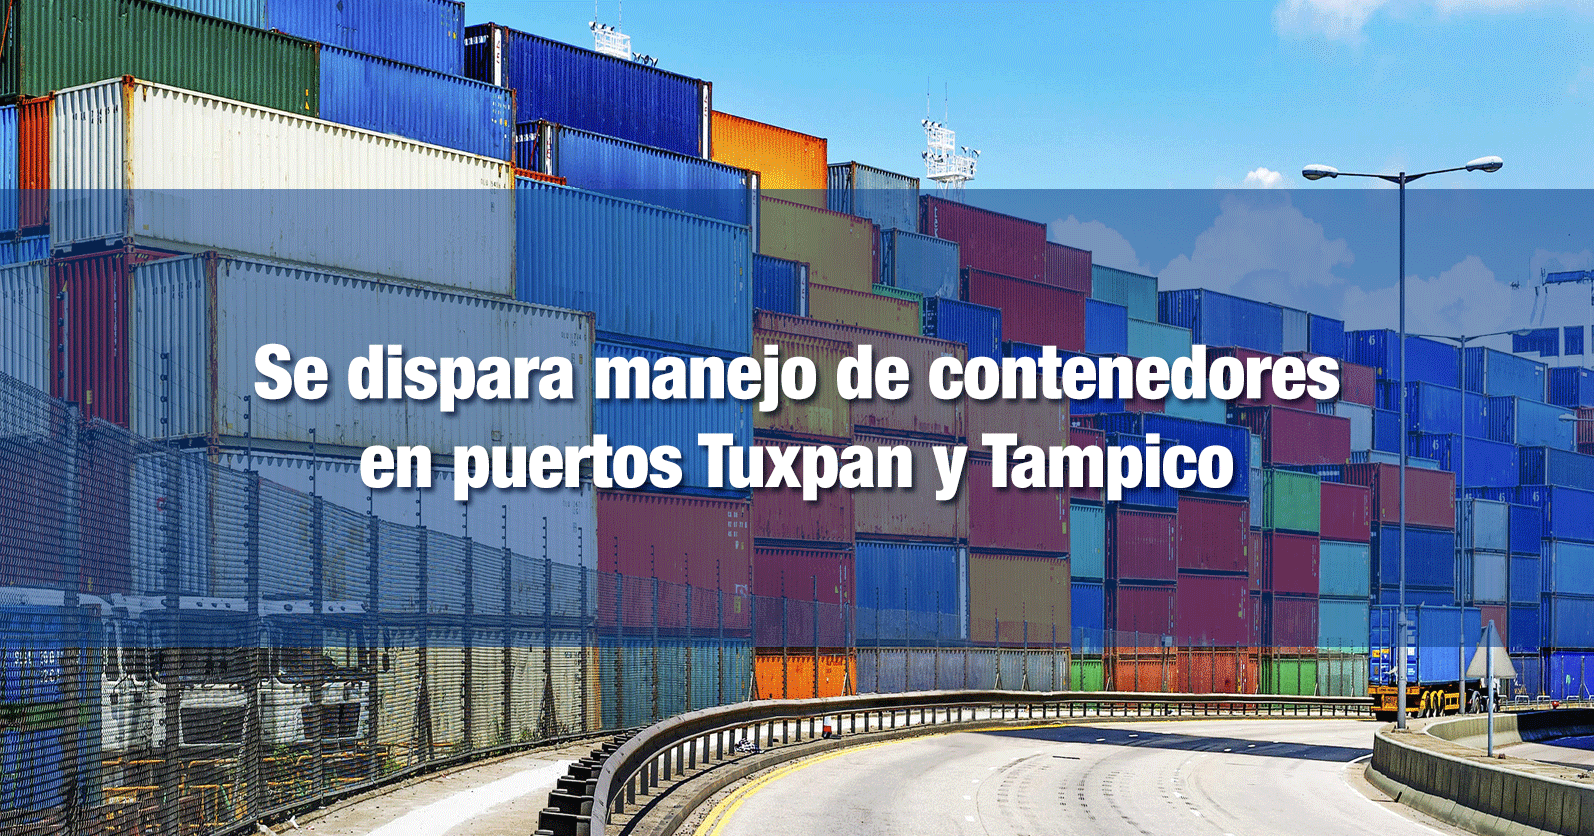 Se dispara manejo de contenedores en puertos Tuxpan y Tampico